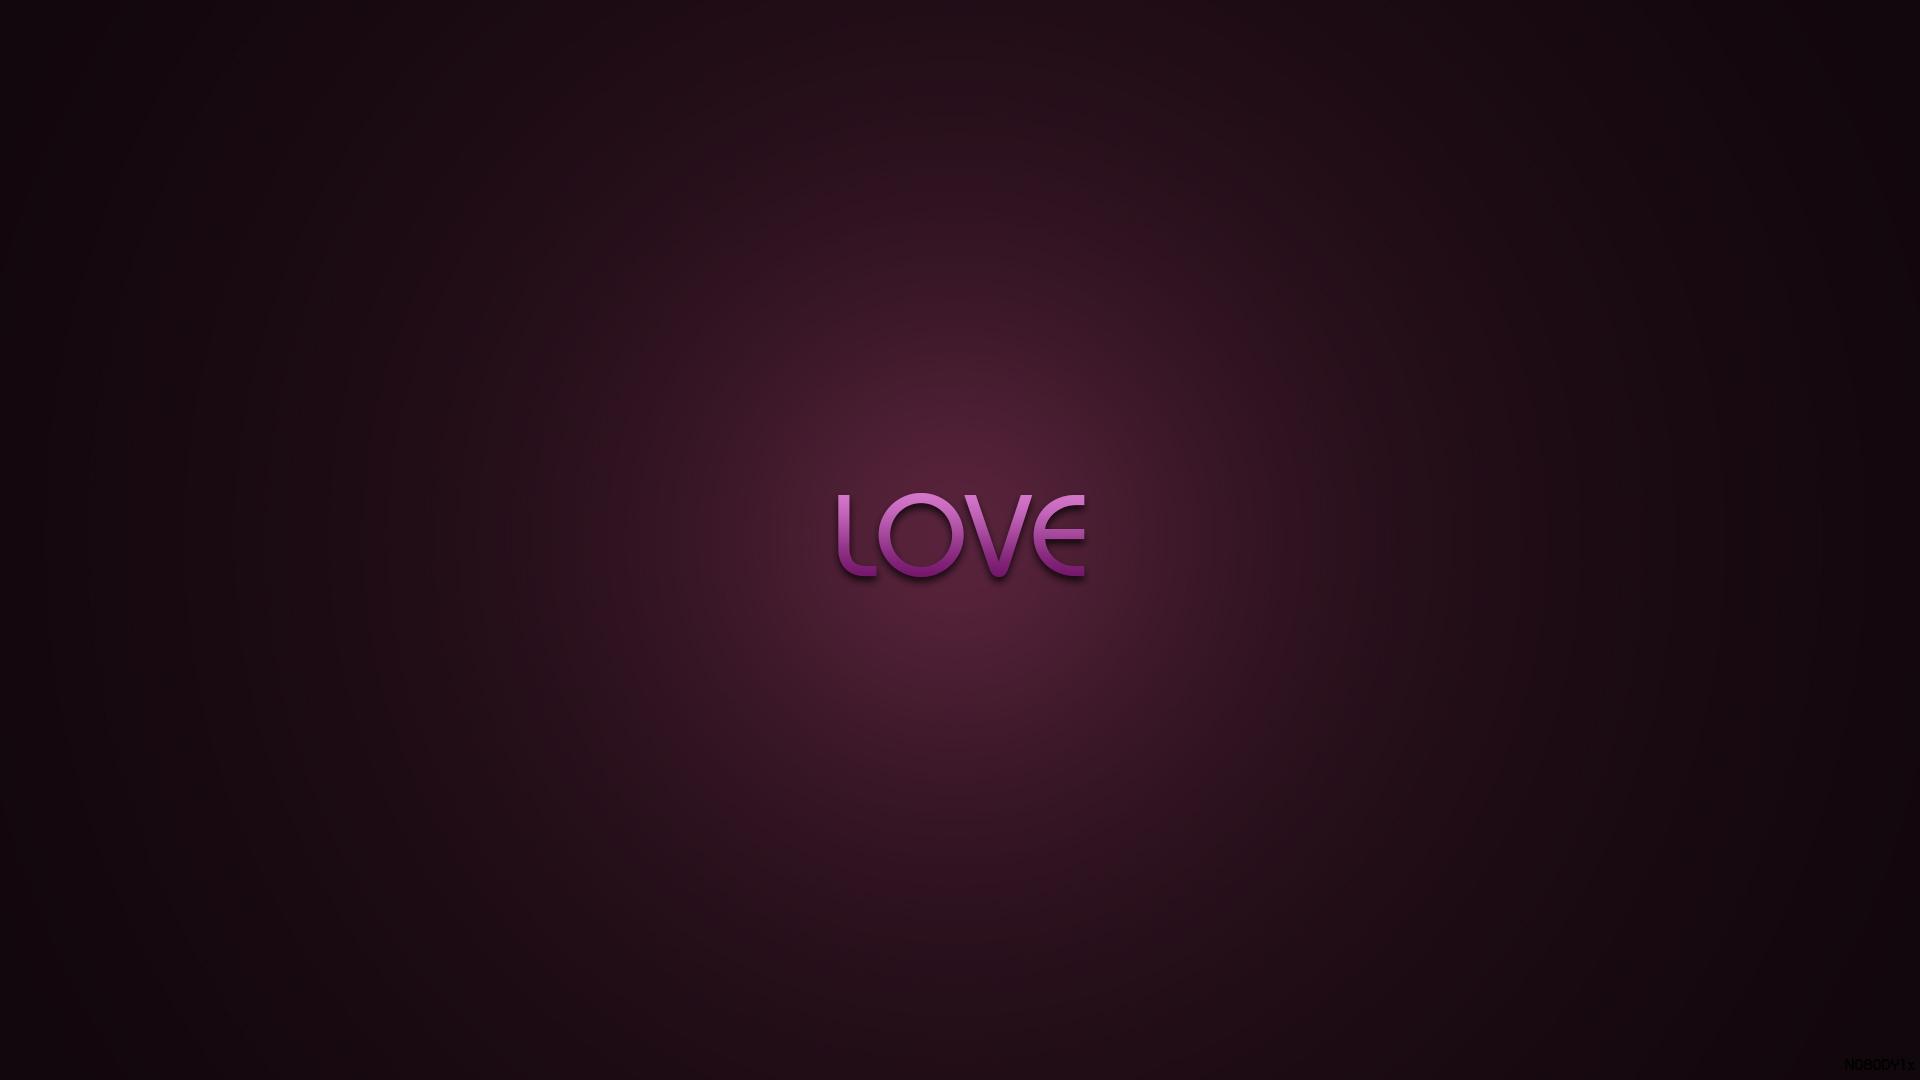 R Love Wallpaper Hd : Love Wallpaper HD by N0B0DY1x on DeviantArt